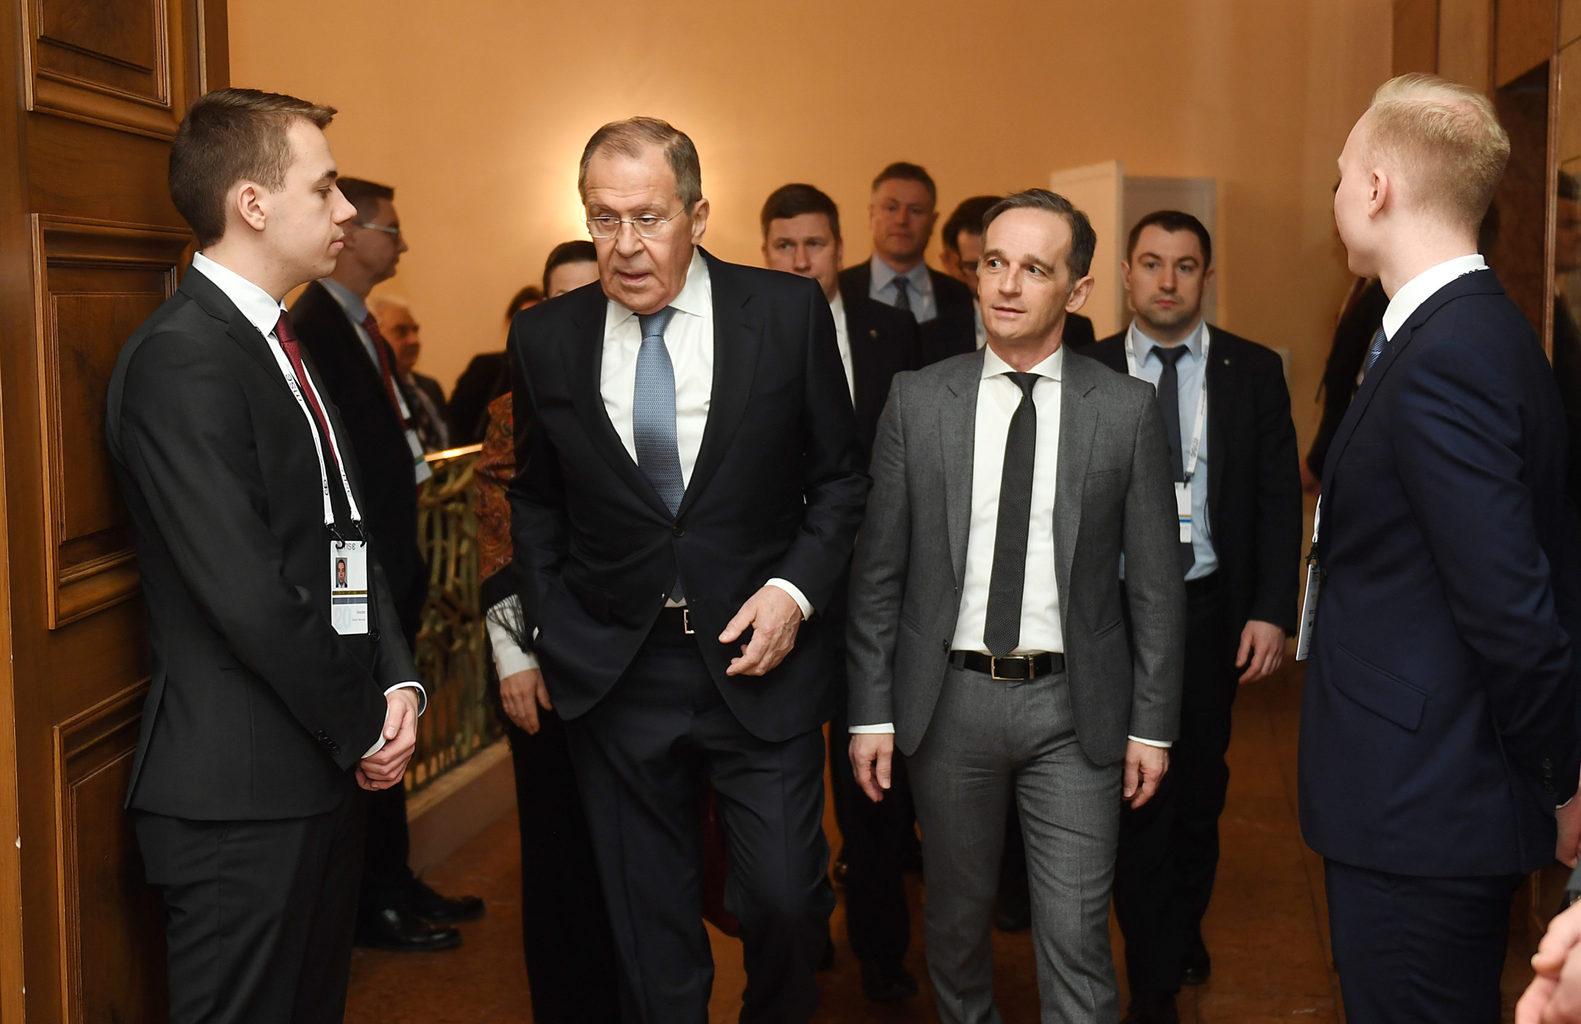 """""""A német védelmi miniszter nézeteivel ellentétesen ítélte meg a világpolitikai fejleményeket Szergej Lavrov. Az orosz külügyminiszter kiemelte, hogy a nemzetközi kapcsolatokat a """"barbarizálódás"""" jellemzi, és ennek a folyamatnak Moszkva az egyik fő kárvallottja"""" #moszkvater"""